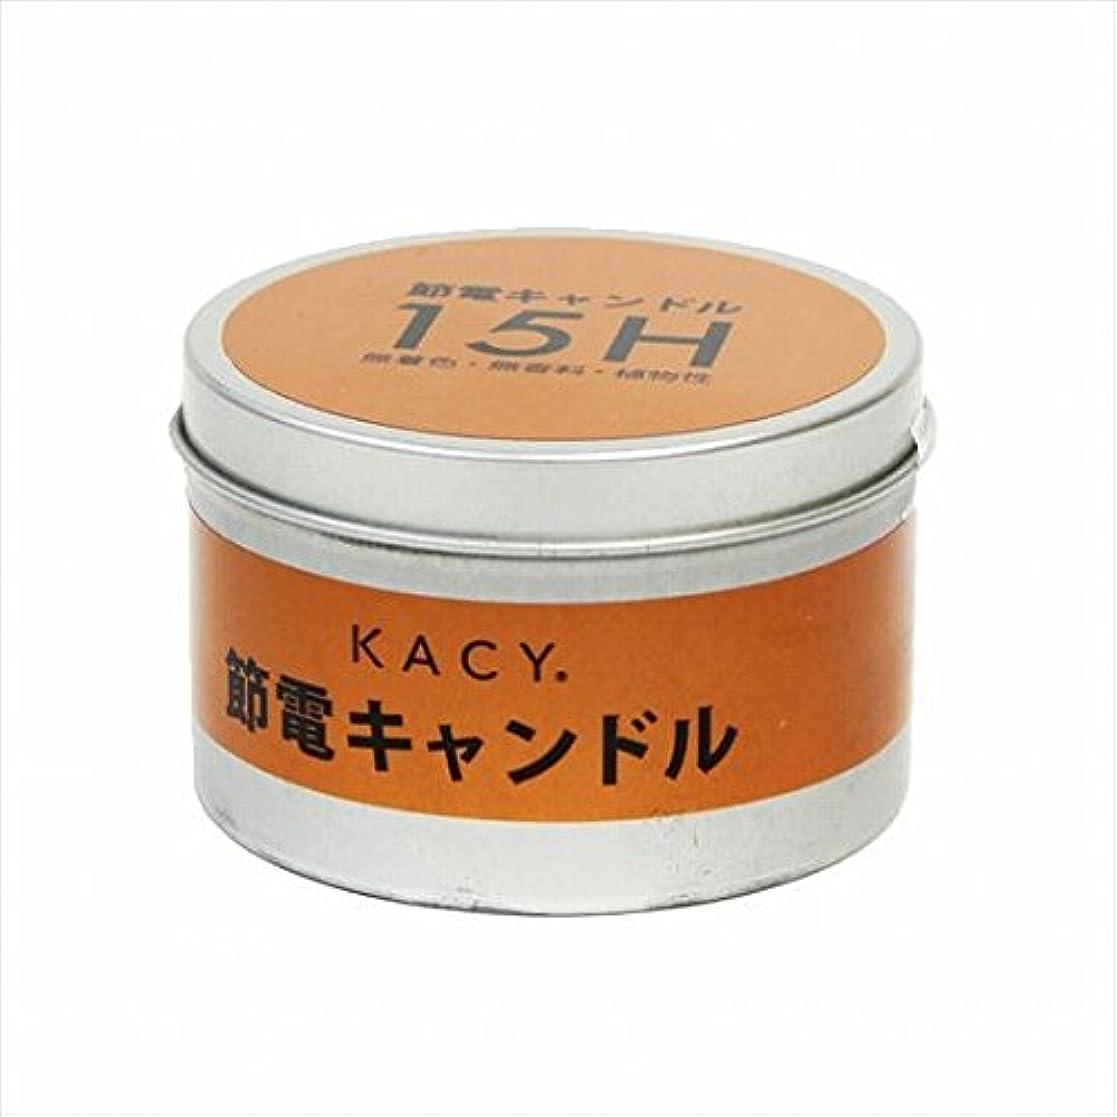 気配りのあるボット電気的カメヤマキャンドル(kameyama candle) 節電缶キャンドル15時間タイプ